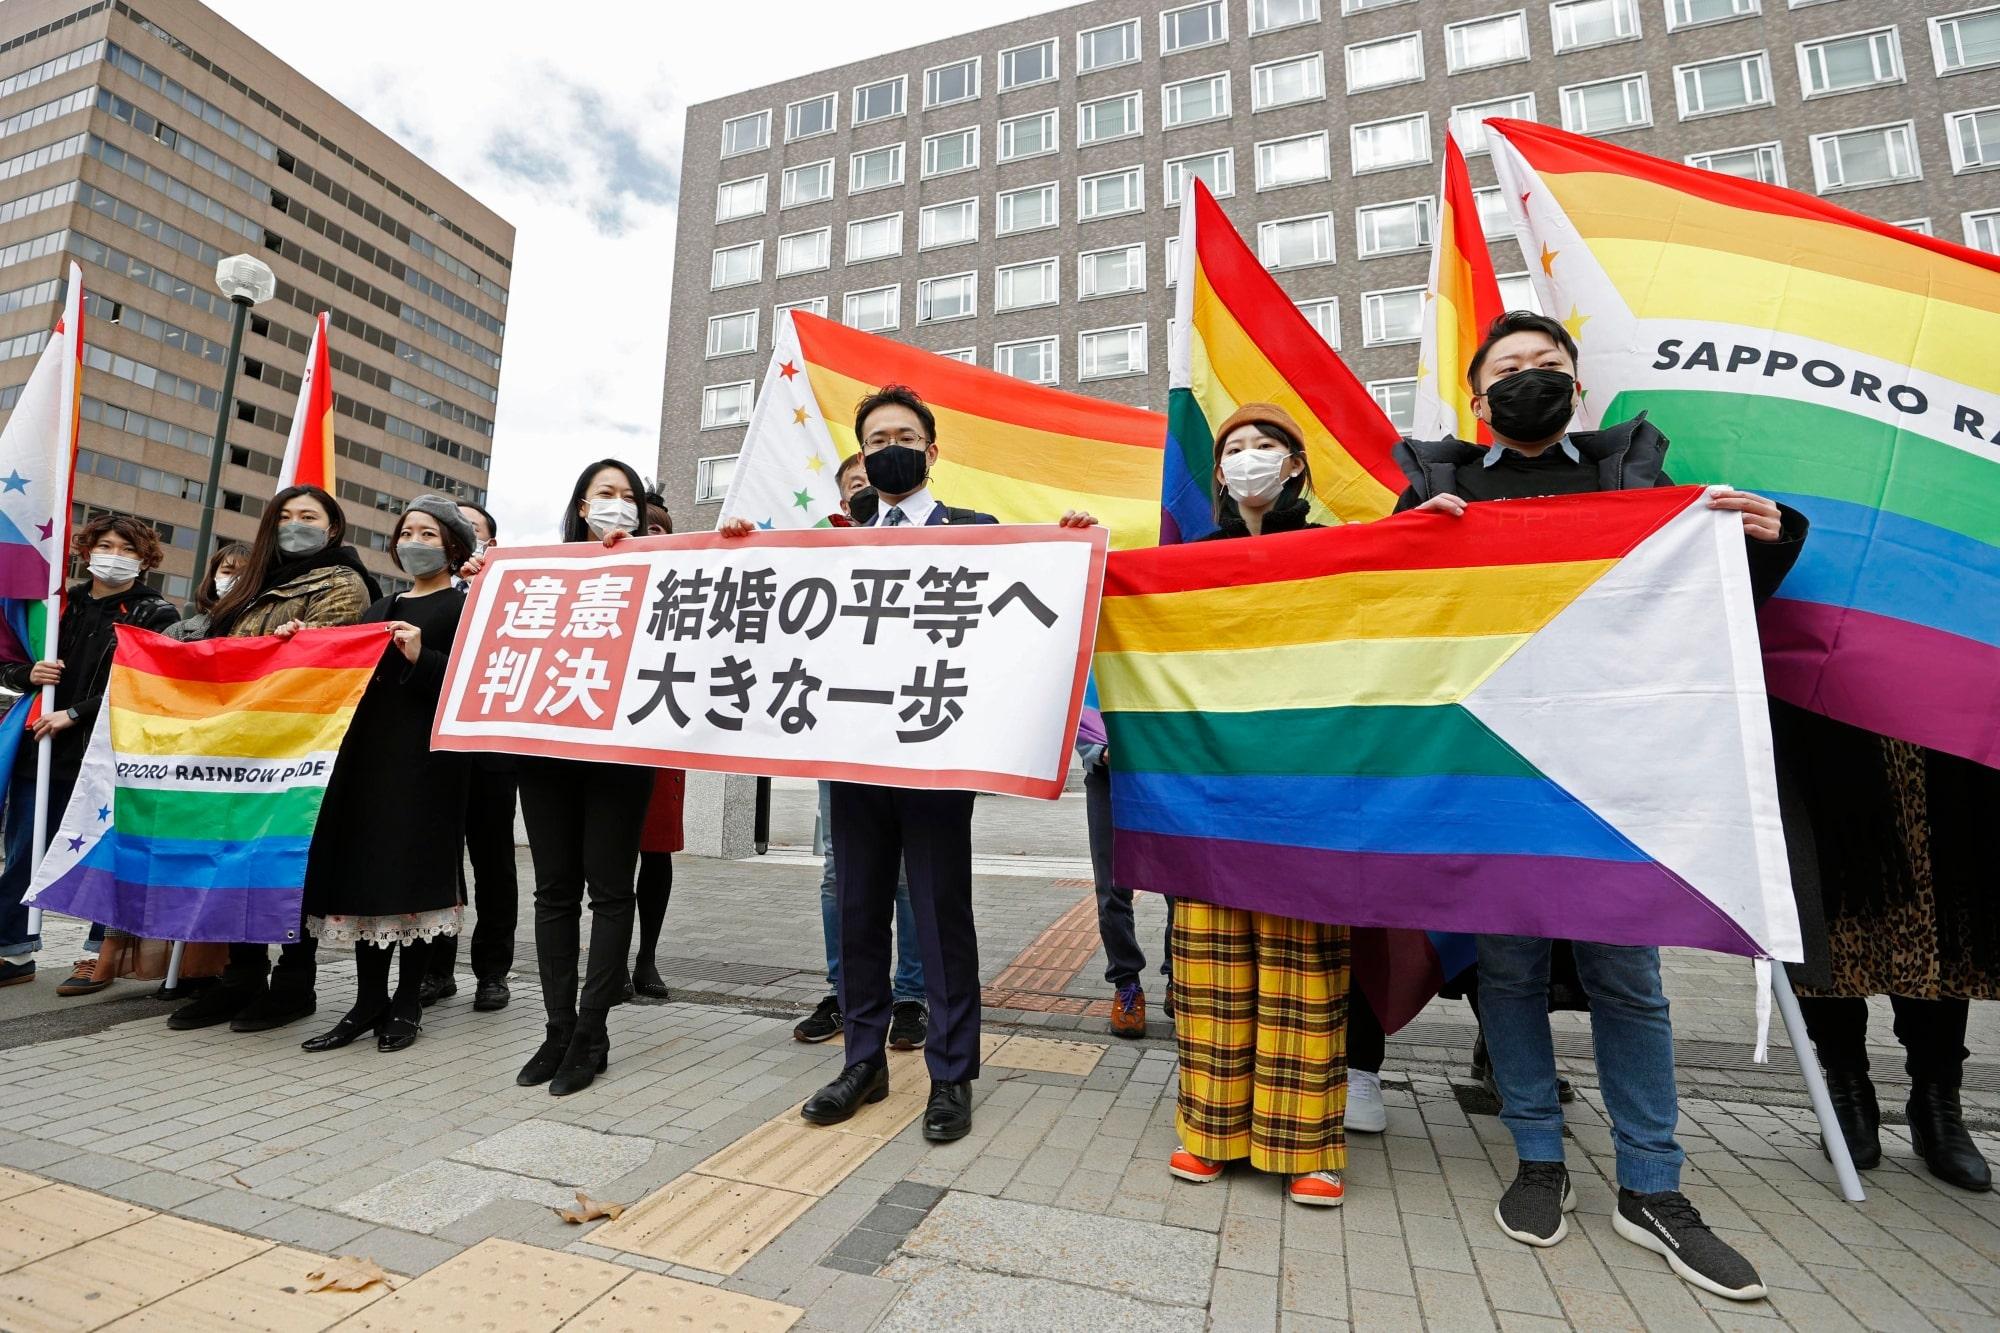 Japón: Tribunal declara inconstitucional la prohibición del matrimonio entre personas del mismo sexo en un caso histórico